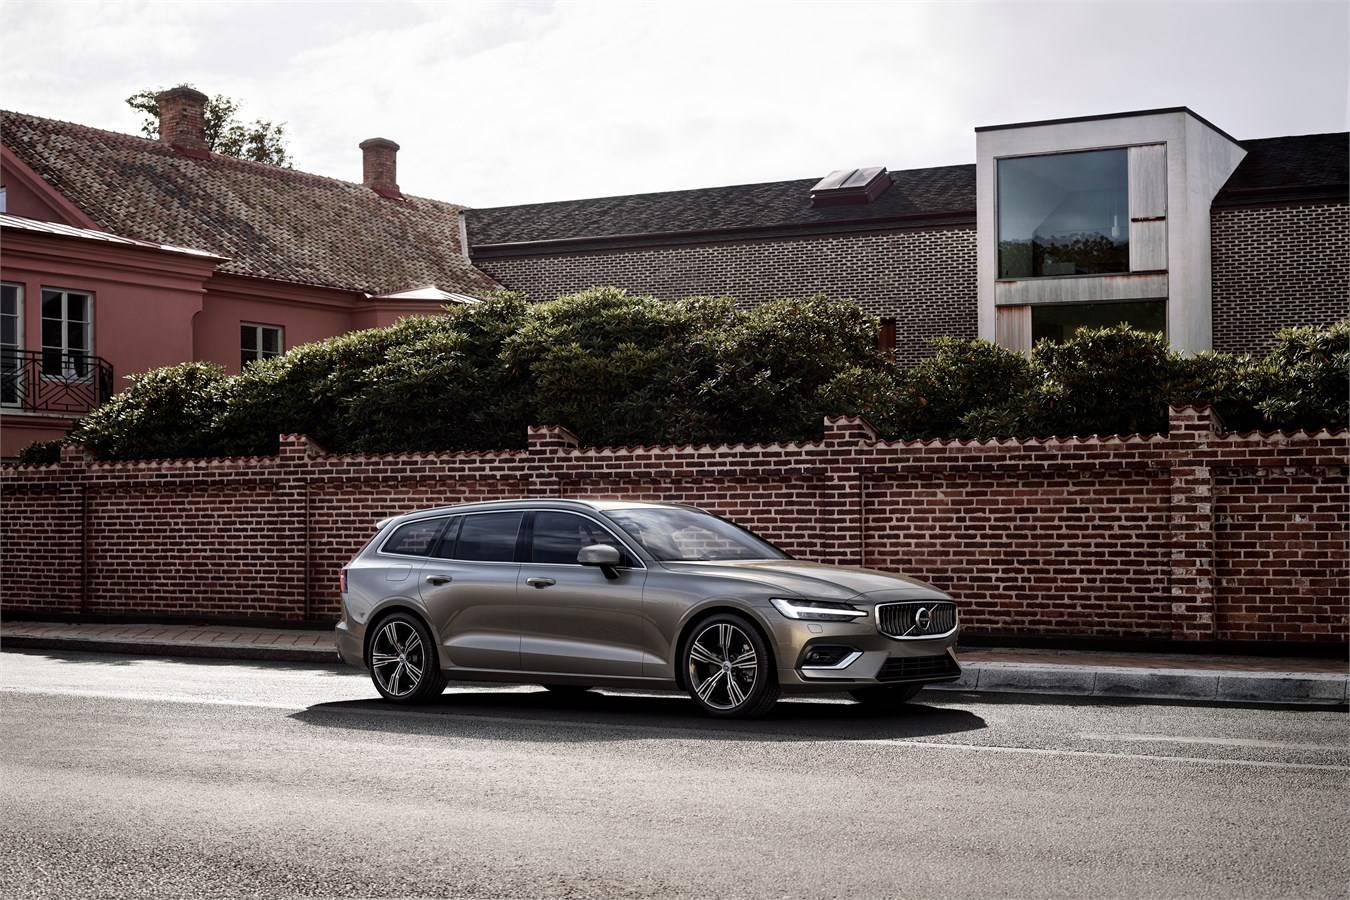 Der neue Volvo V60 ist in unserem Schauraum angekommen